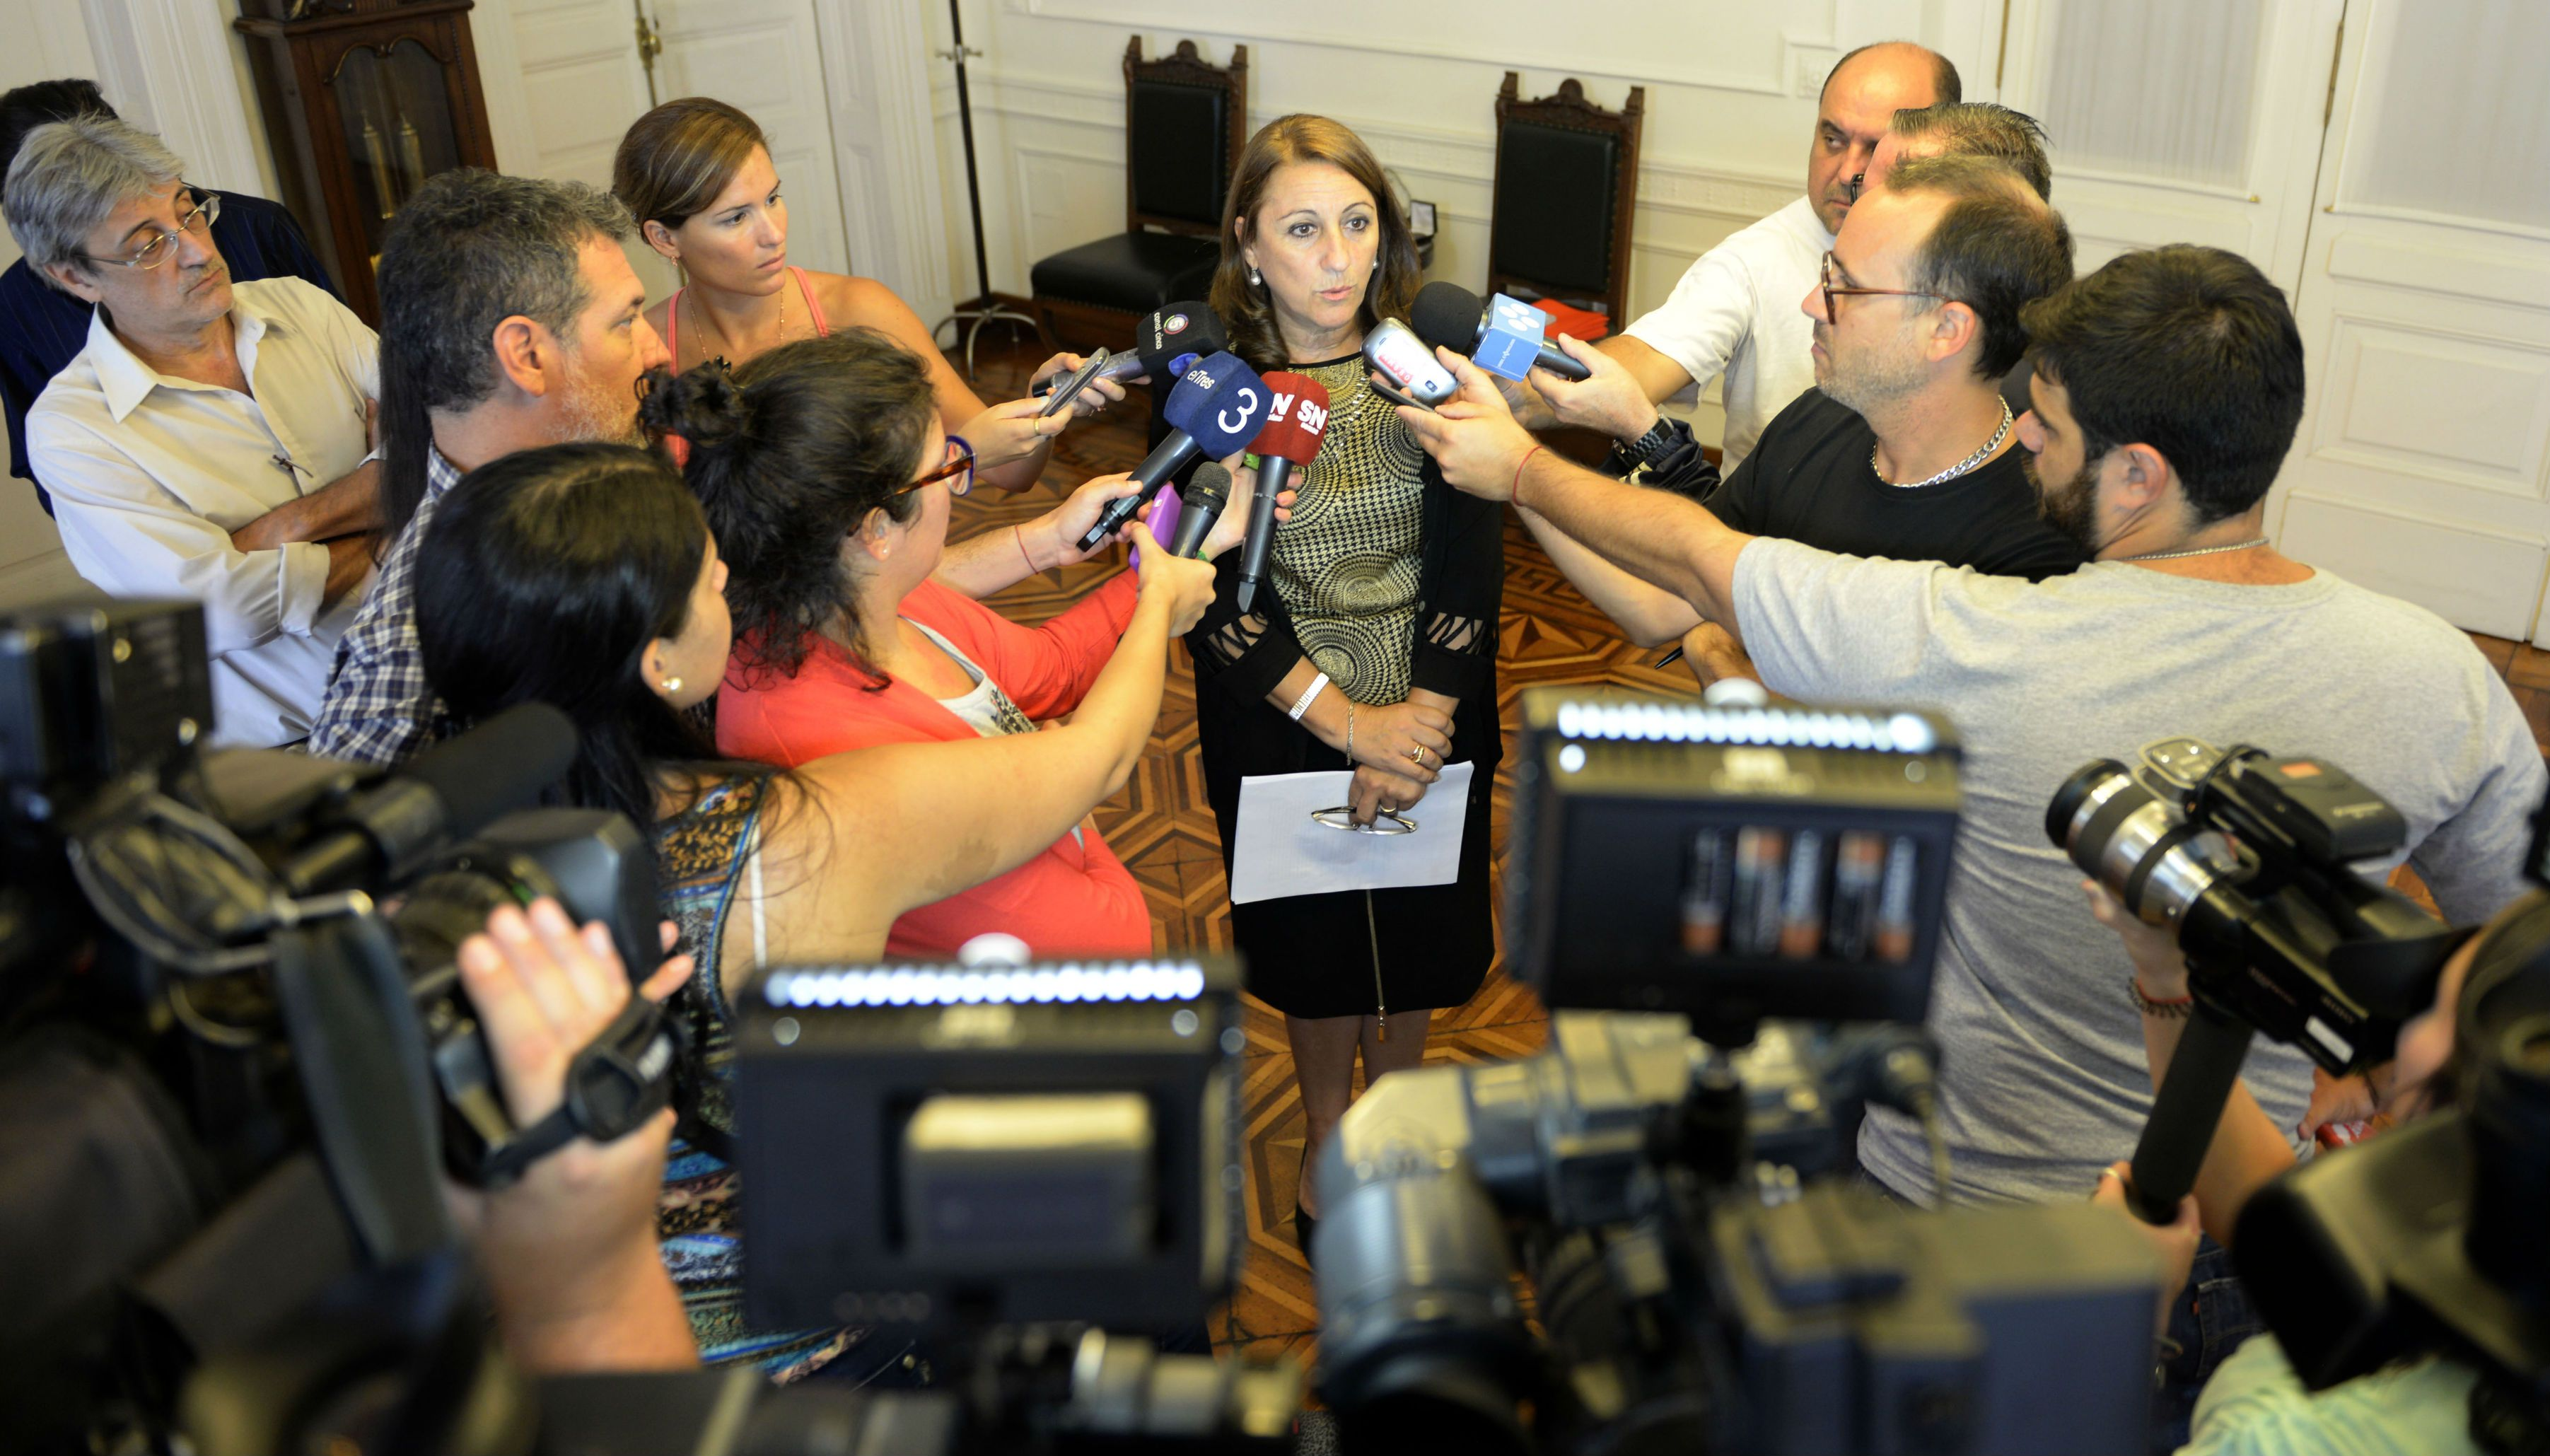 La intendenta Mónica Fein dijo que el socialismo estuvo bien representado en la marcha con Hermes Binner y Miguel Lifschitz.